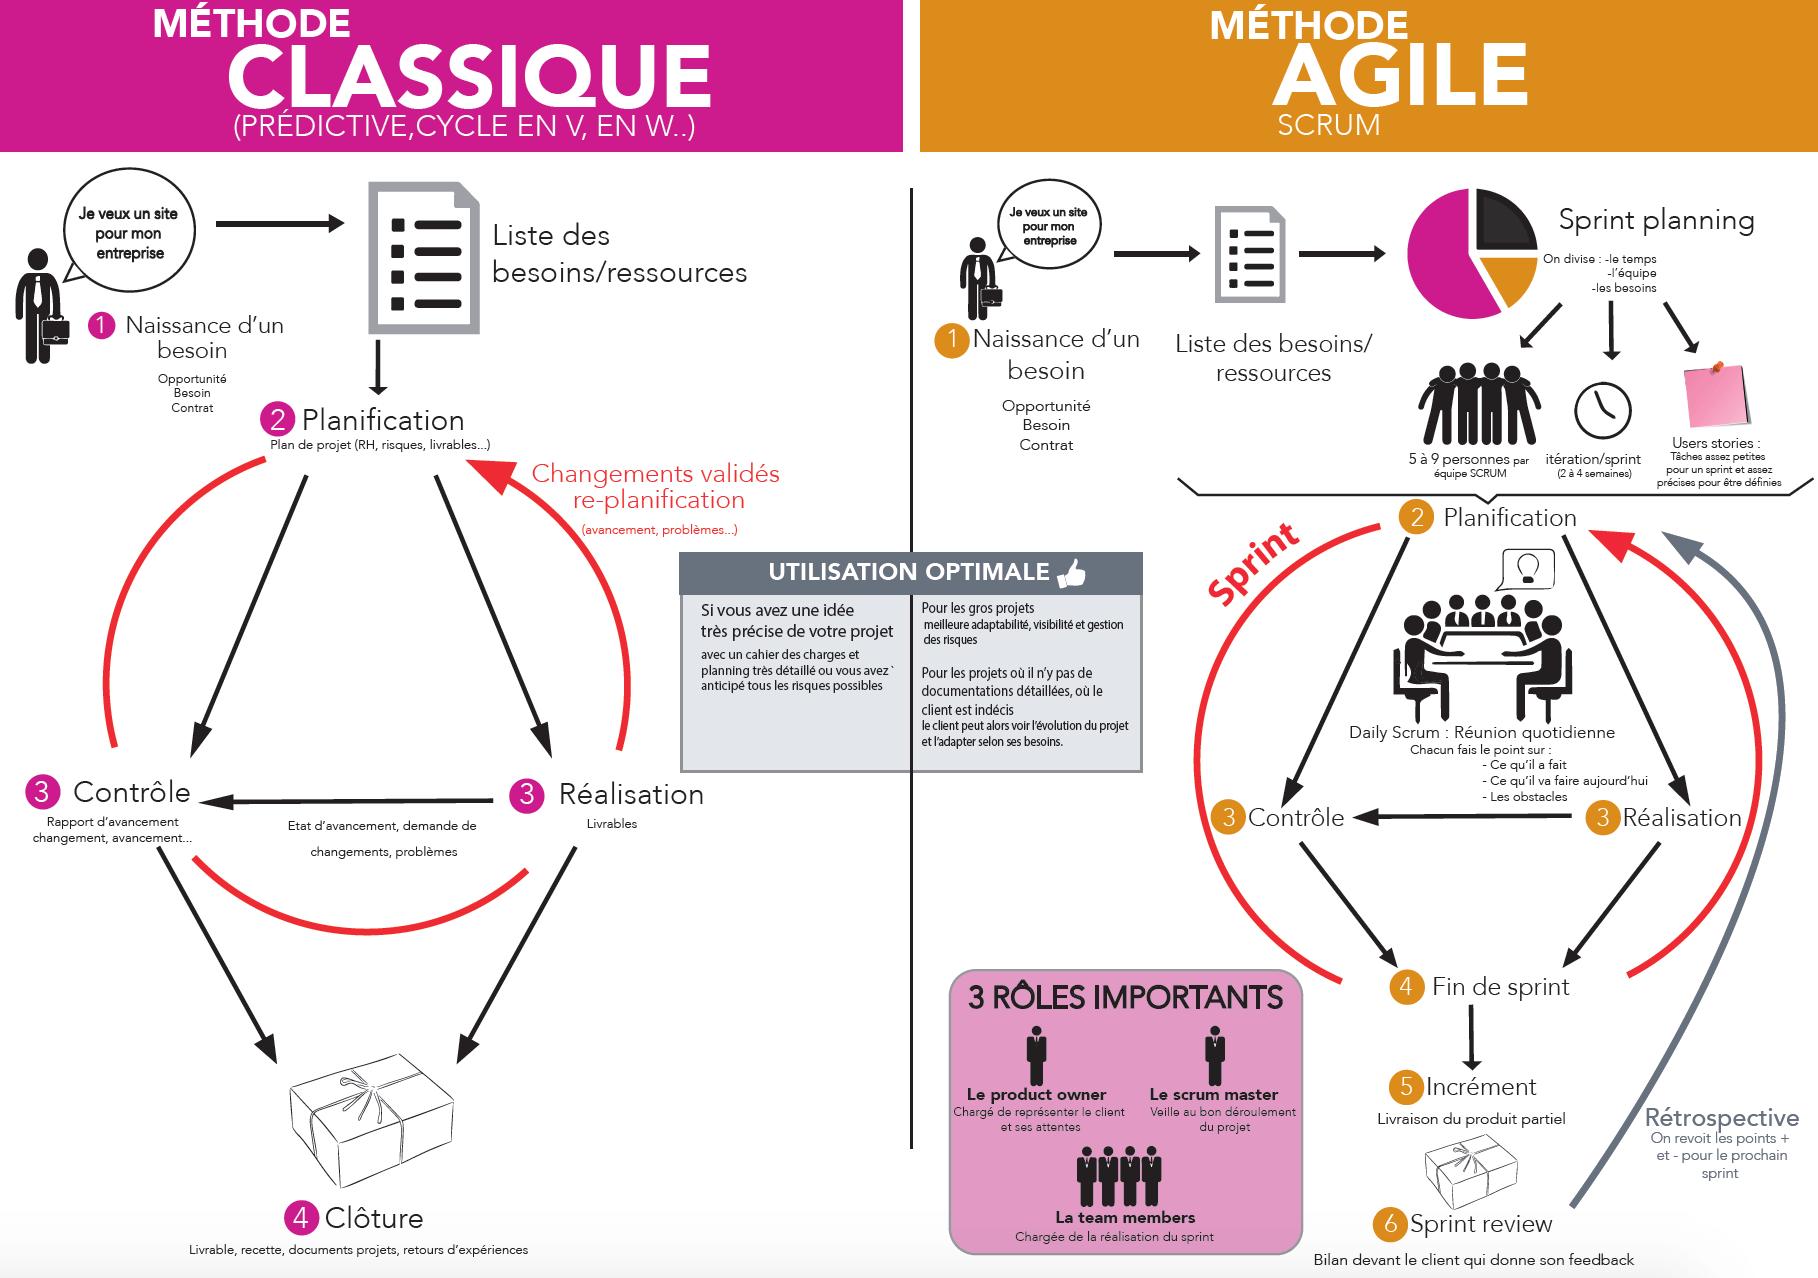 Méthode classique gestion de projet VS Méthode agile scrum